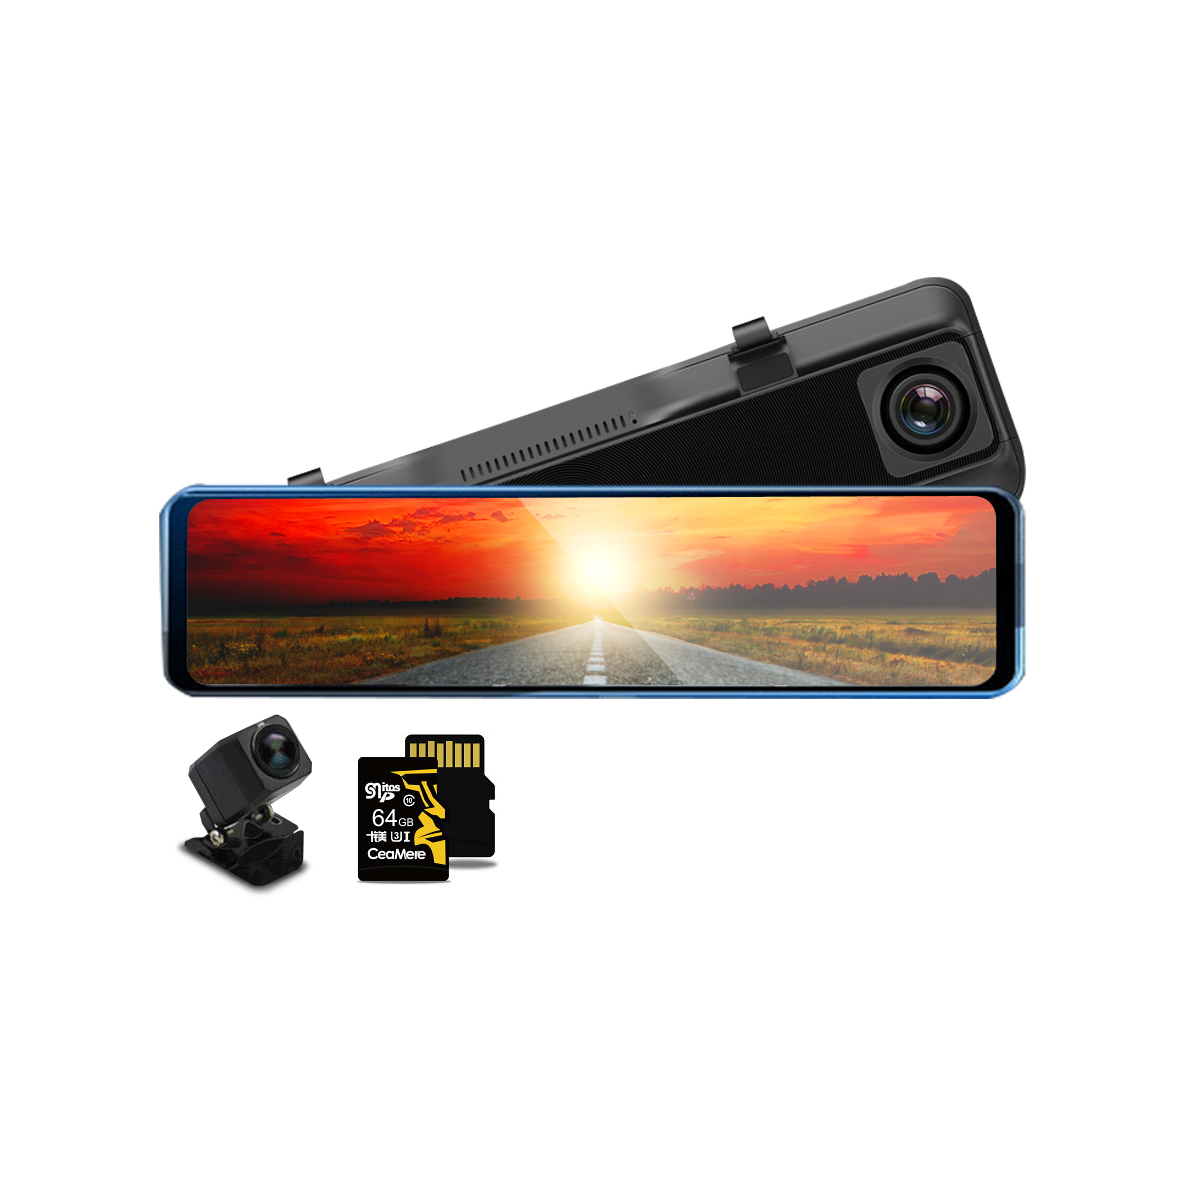 【待望★】 HONDA インサイト 2020年モデル ドライブレコーダー 前後カメラ 12インチ ミラー型 SDカード64GB同梱モデル あおり運転対策 FHD 2K 1080p 200万画素 タッチパネル 170度広角 バックカメラ 6ヶ月保証, 亜東書店- ac64d4ef